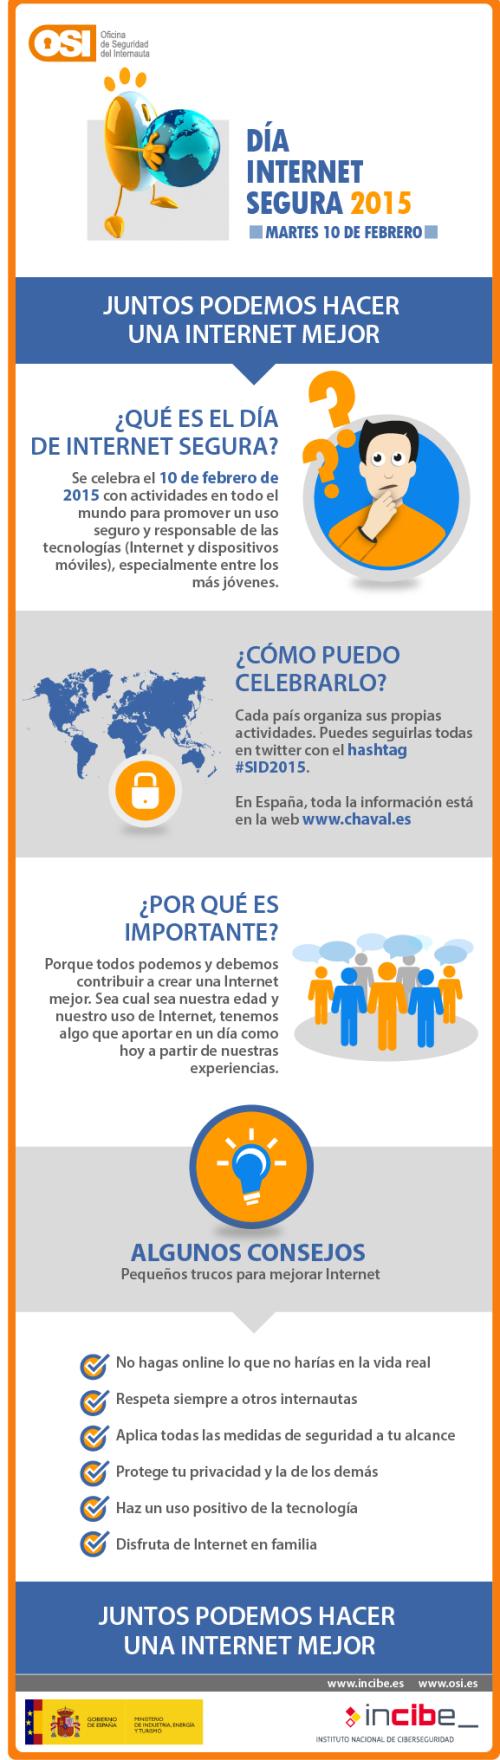 Objetivo crear juntos una internet mejor oficina de seguridad del internauta bibliotecas - Oficina de seguridad del internauta ...